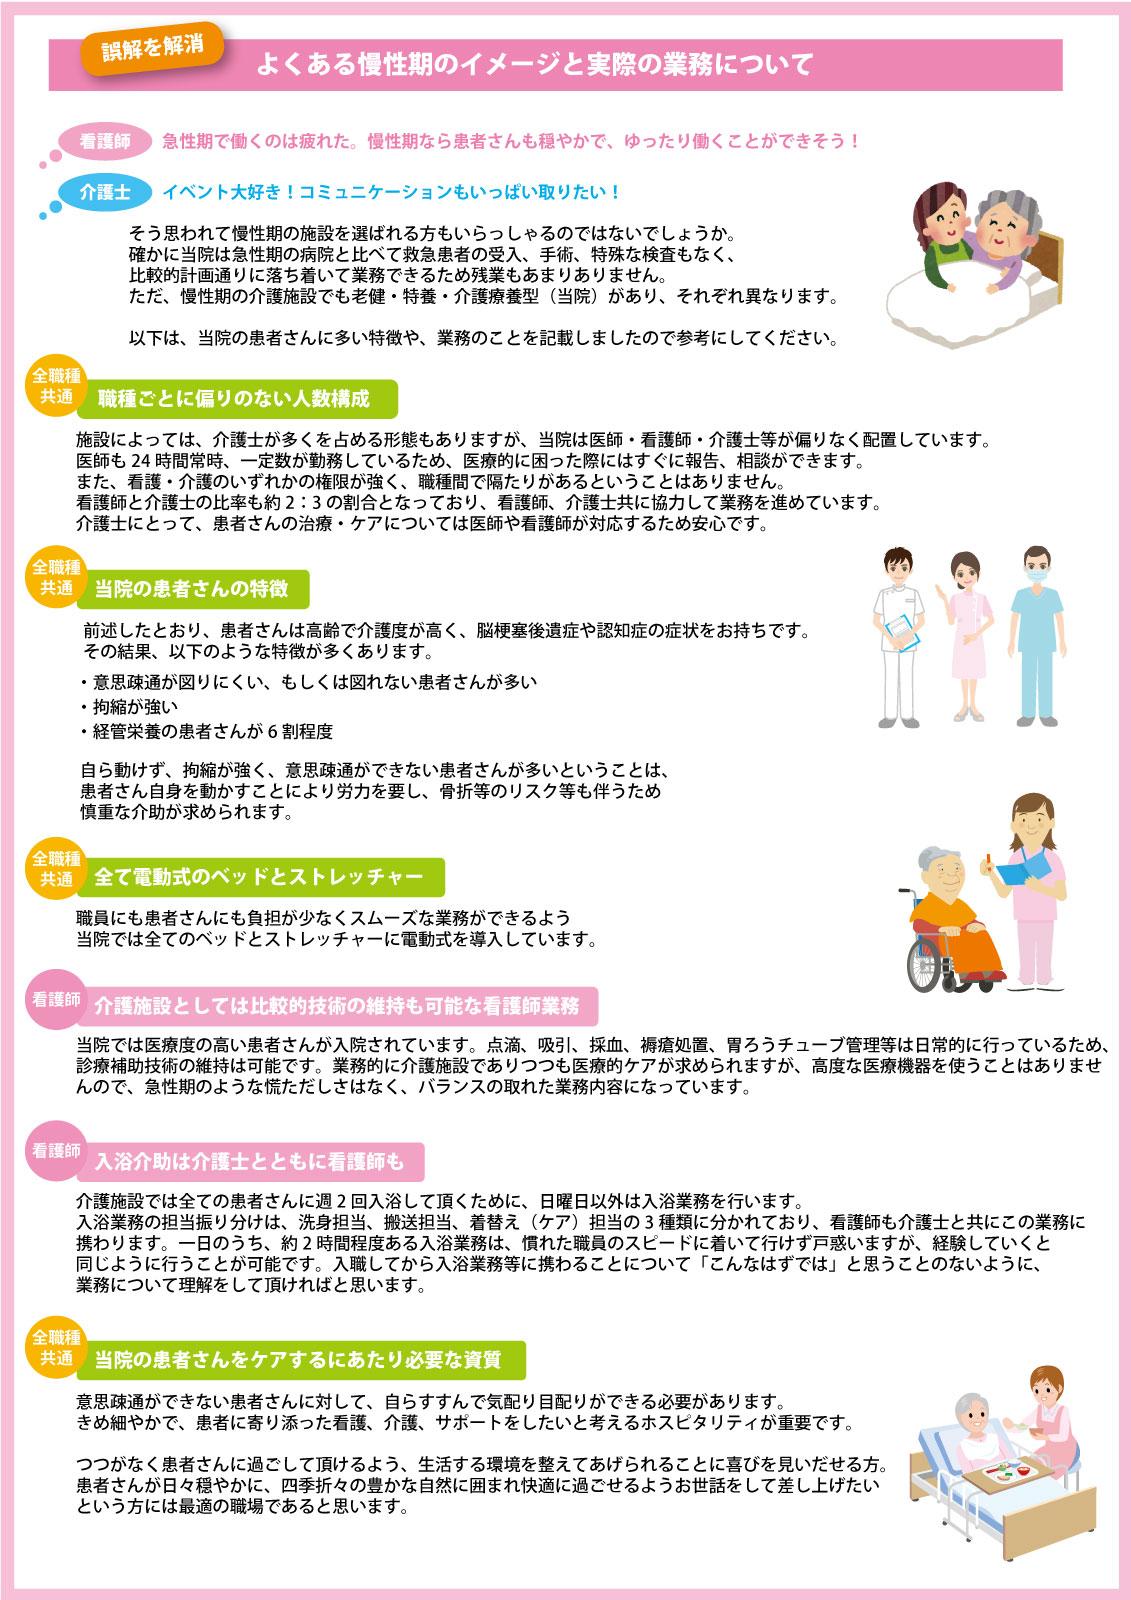 介護療養型の特徴2